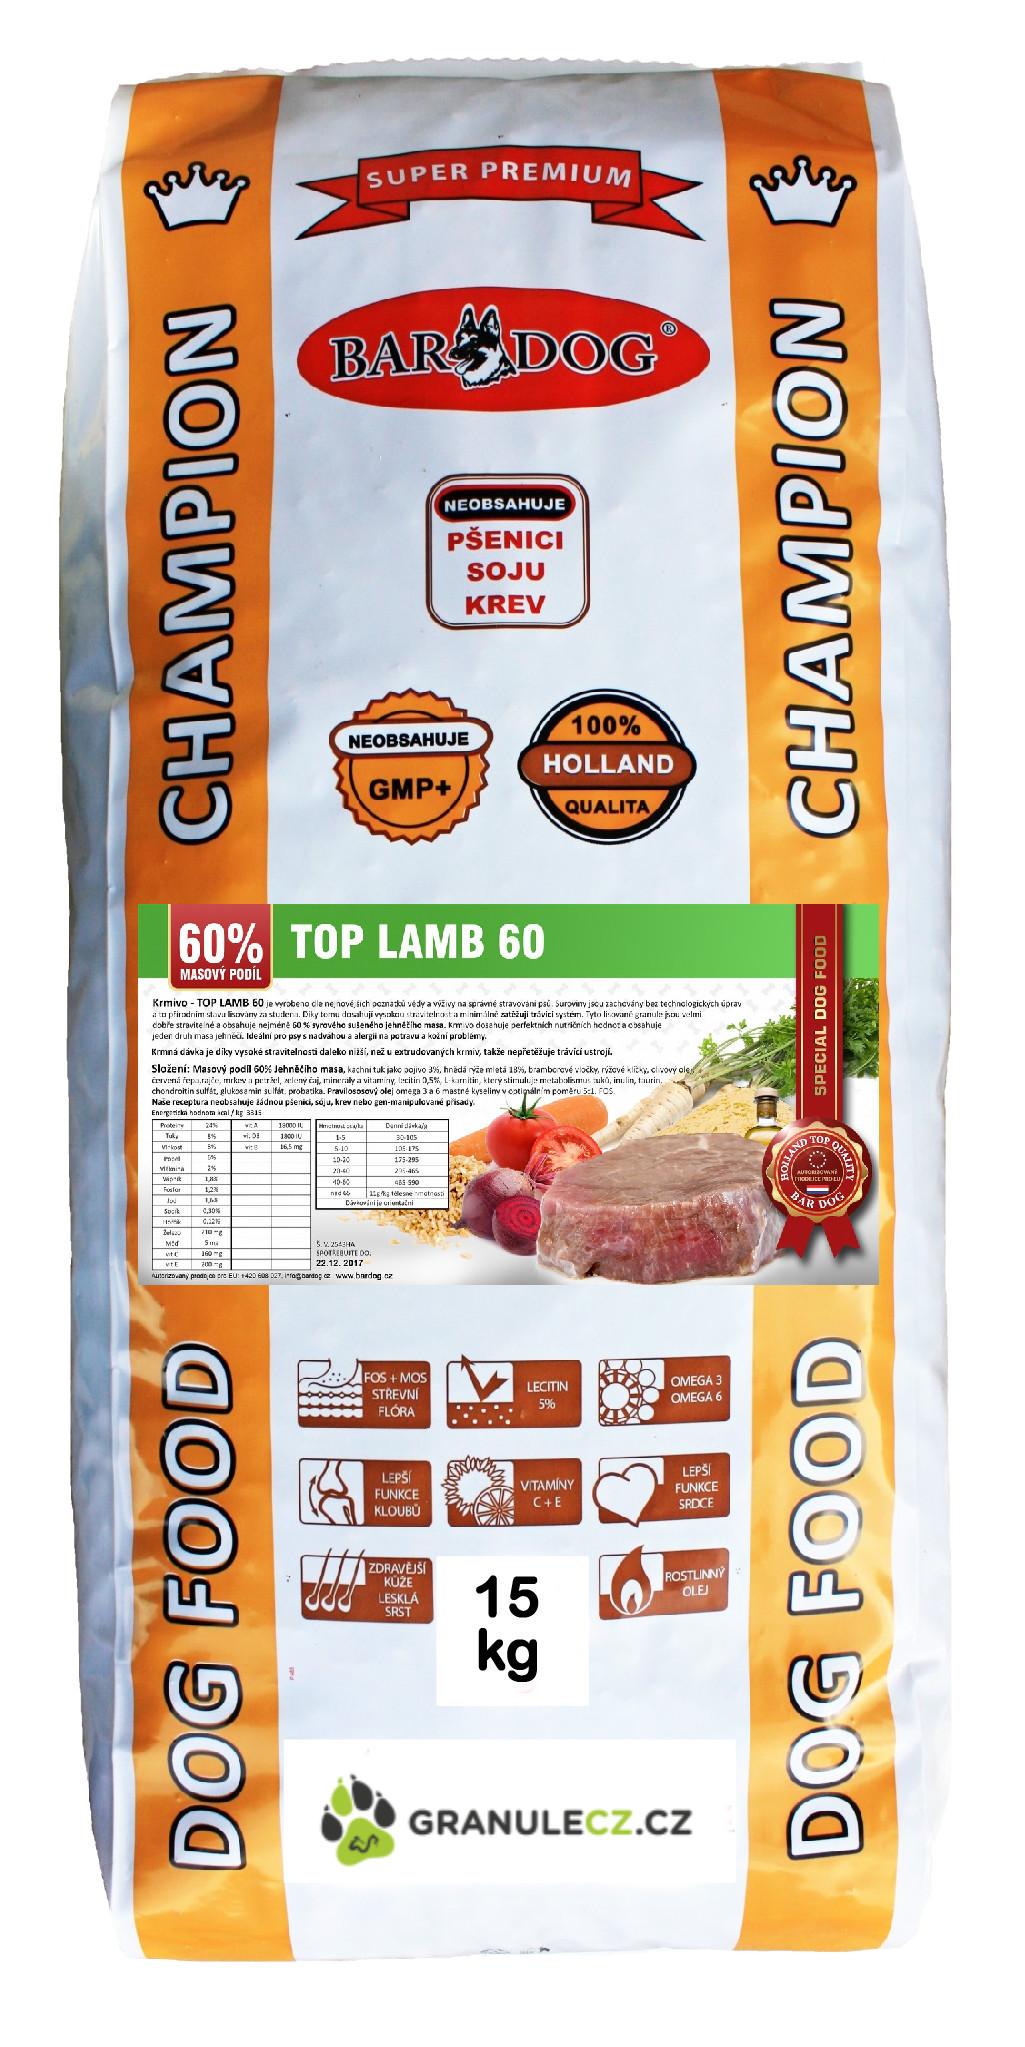 Bardog Top Lamb 60 - 15 kg